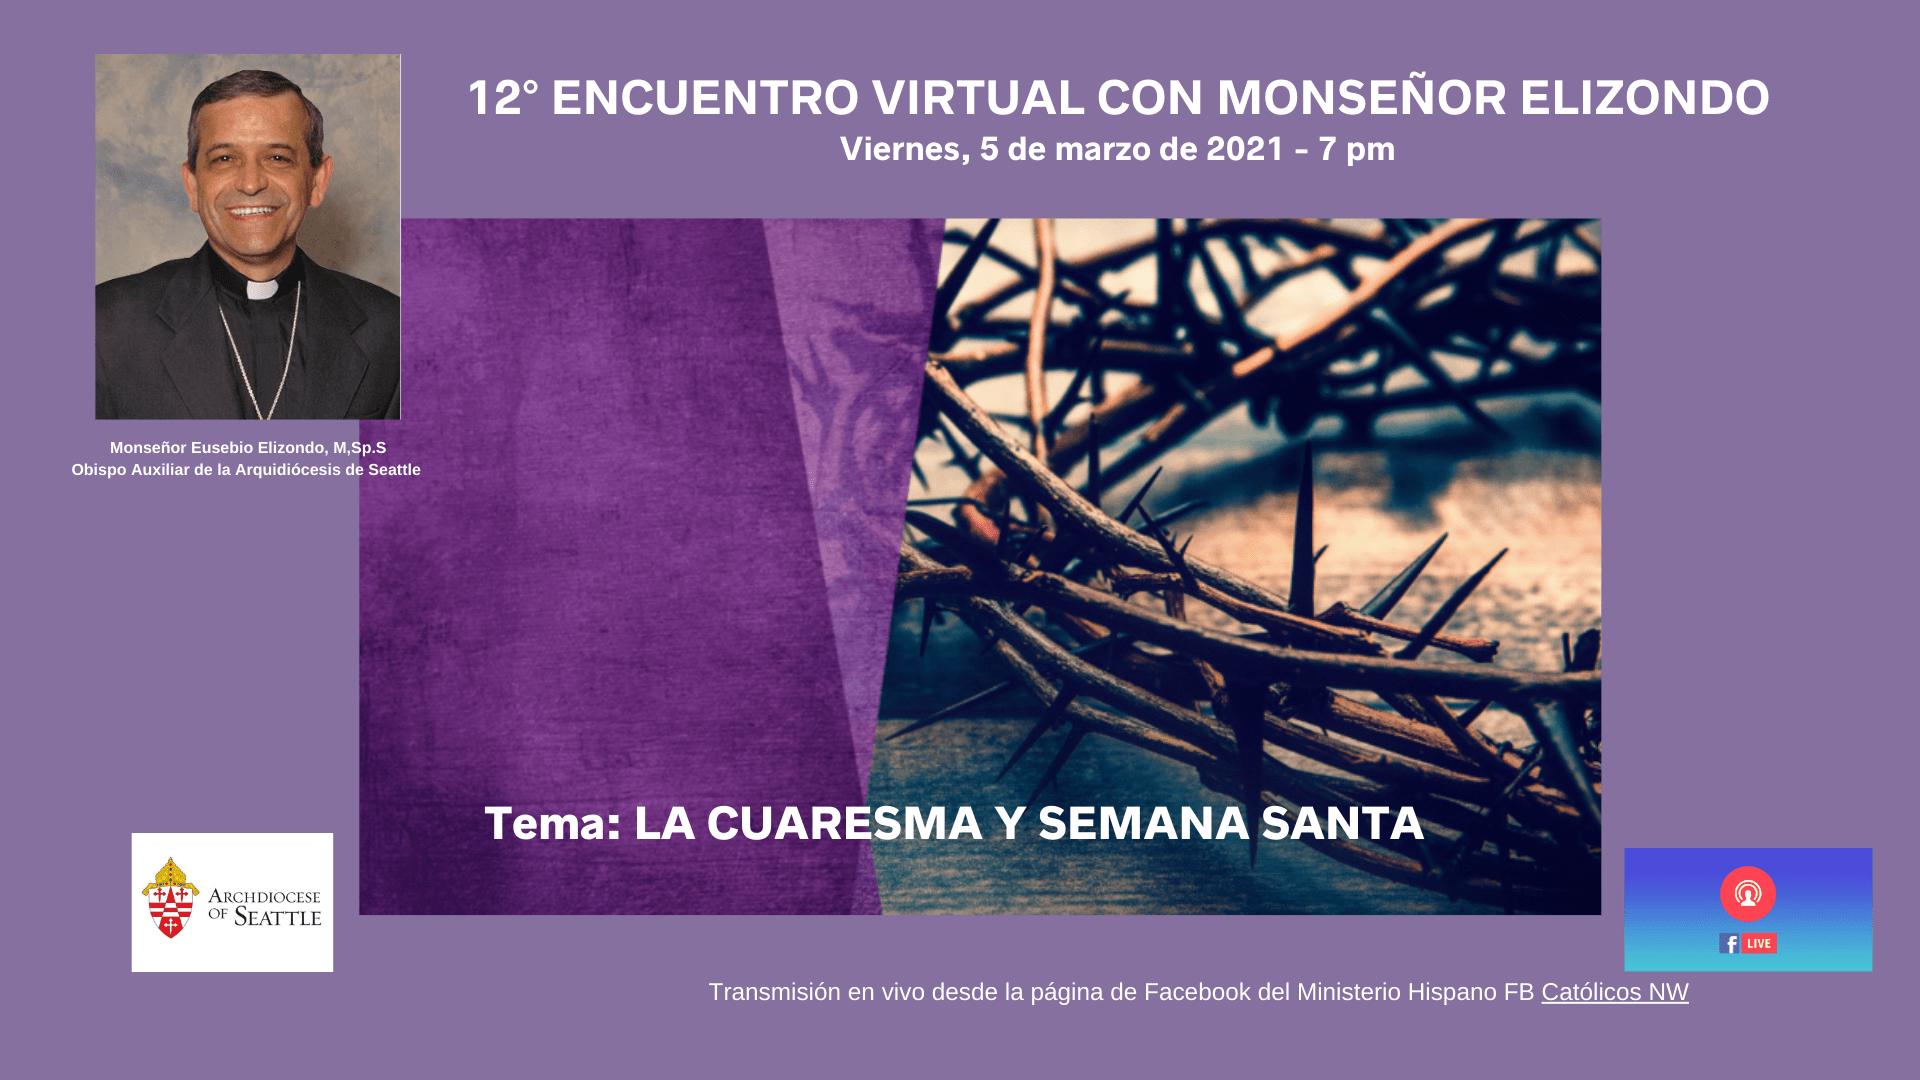 12° Virtual Encounter with Bishop Elizondo Version 2